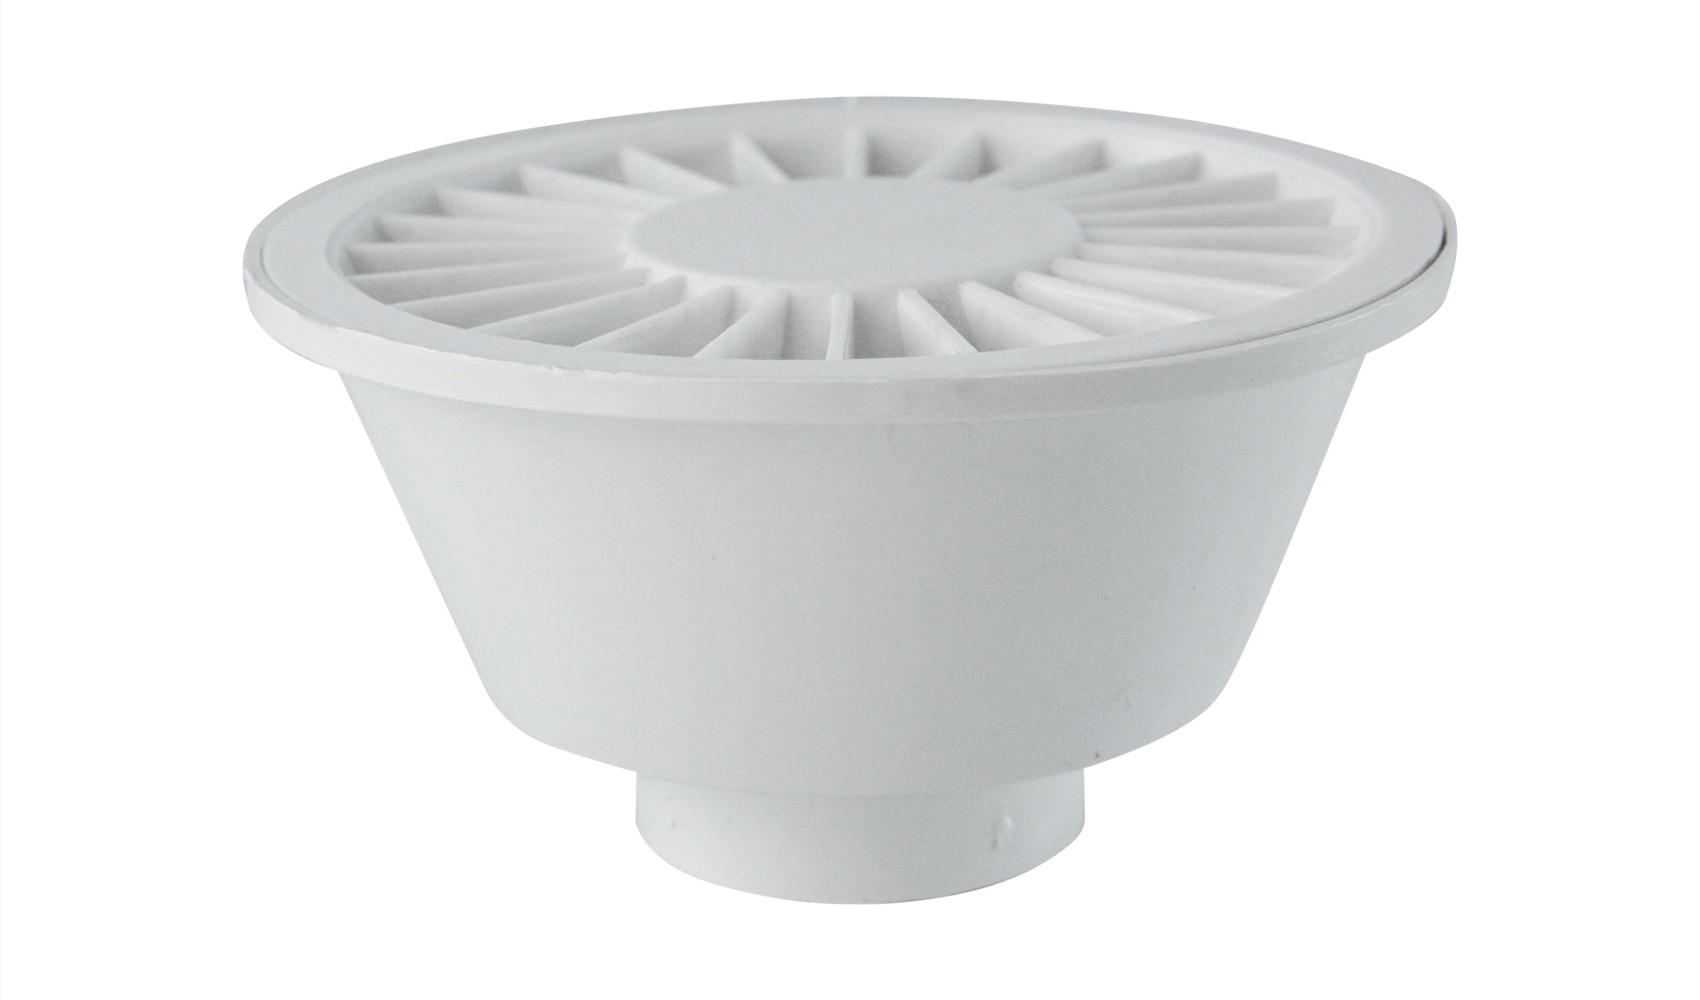 Ralo Sifonado Redondo 10cm Branco Simplas